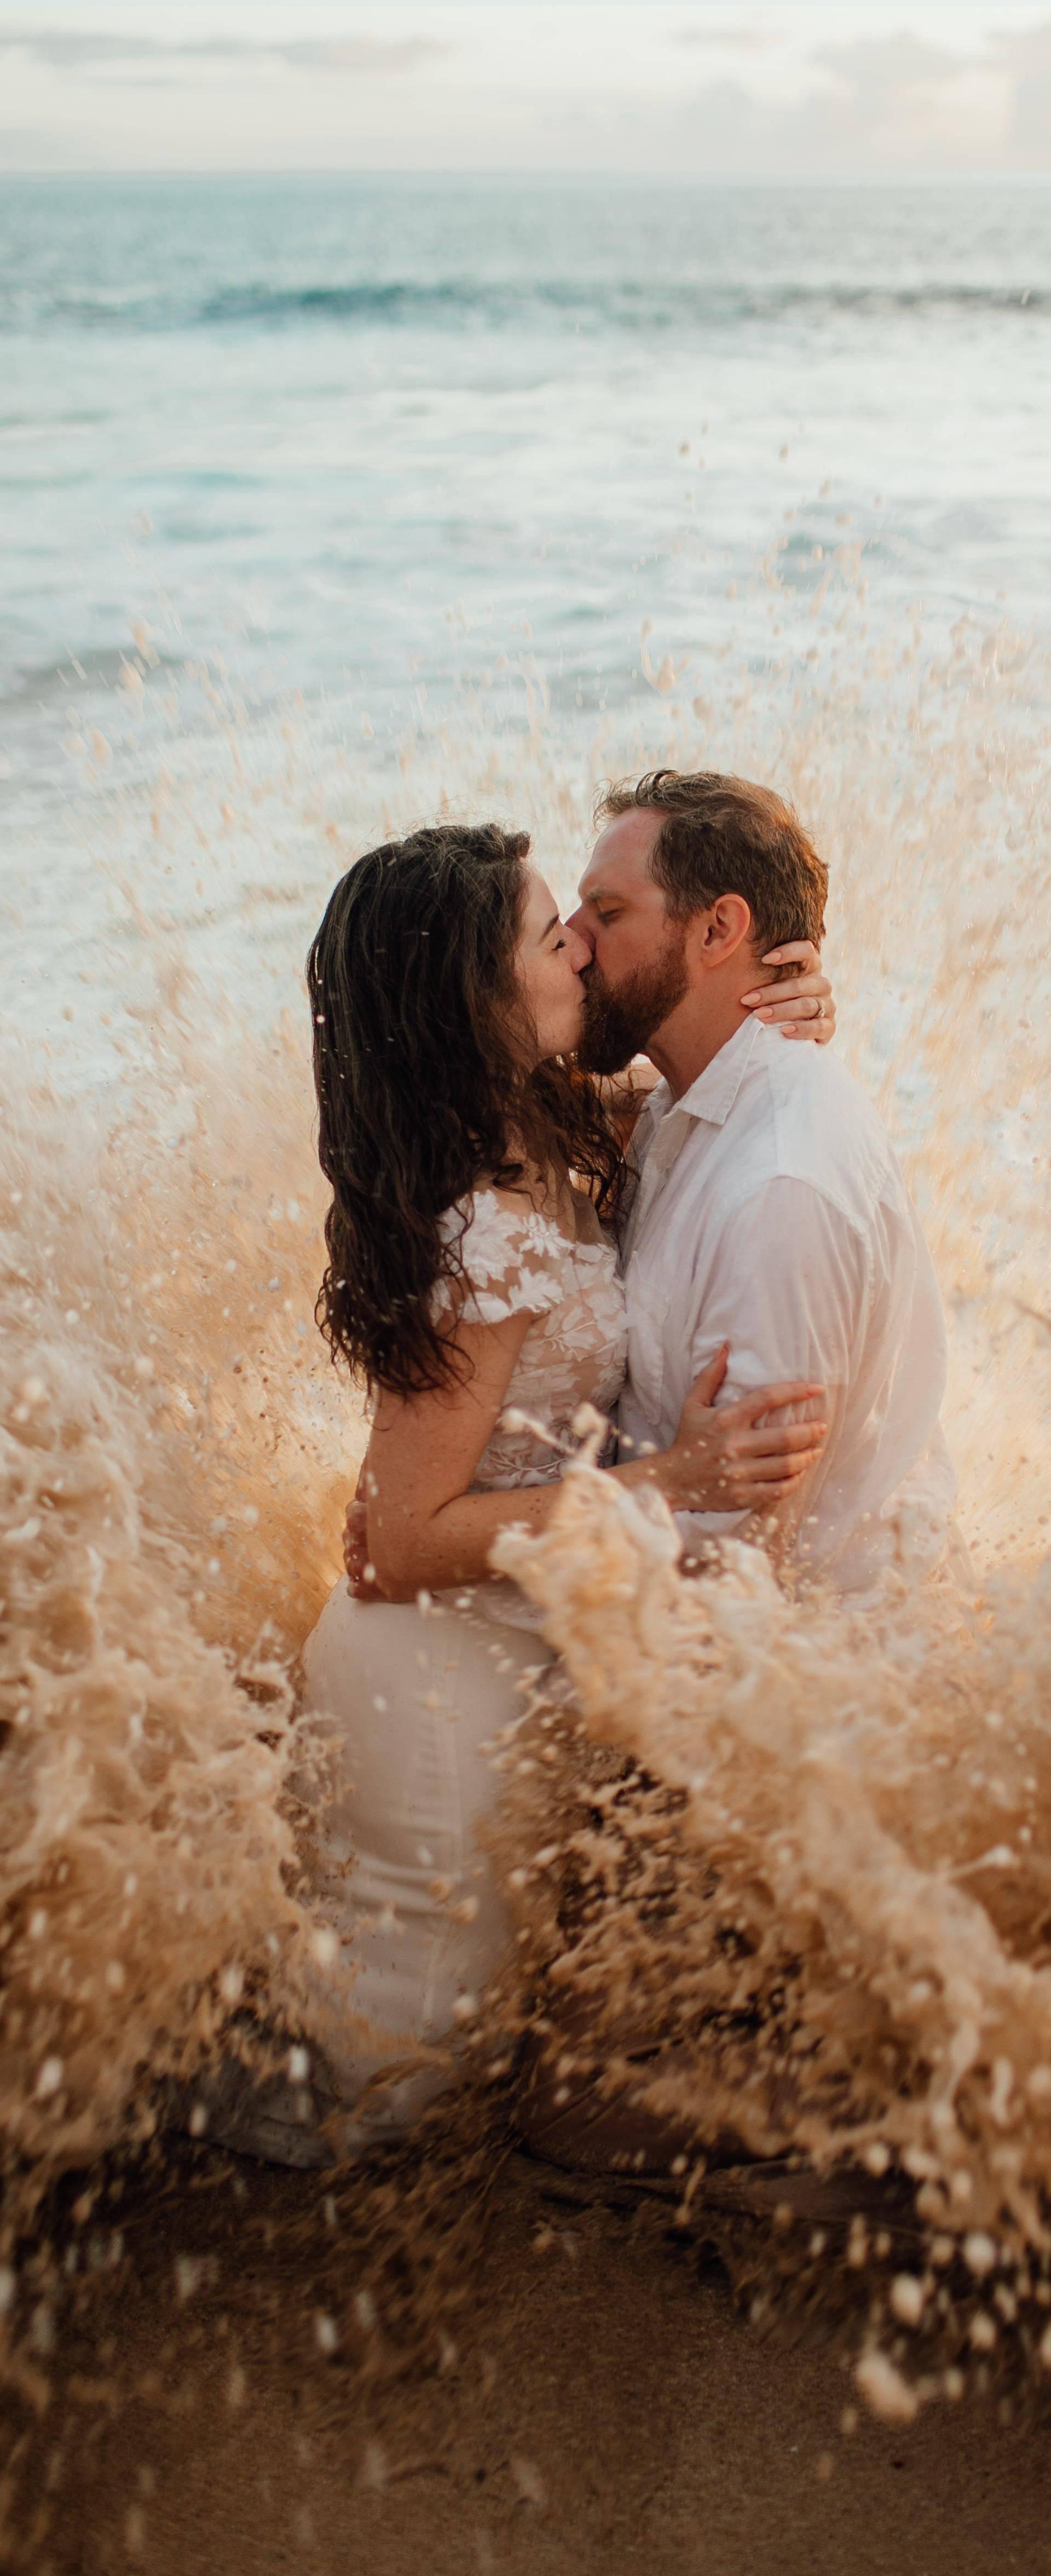 Dok su pozirali na plaži, par je 'zapljusnuo' savršeni trenutak